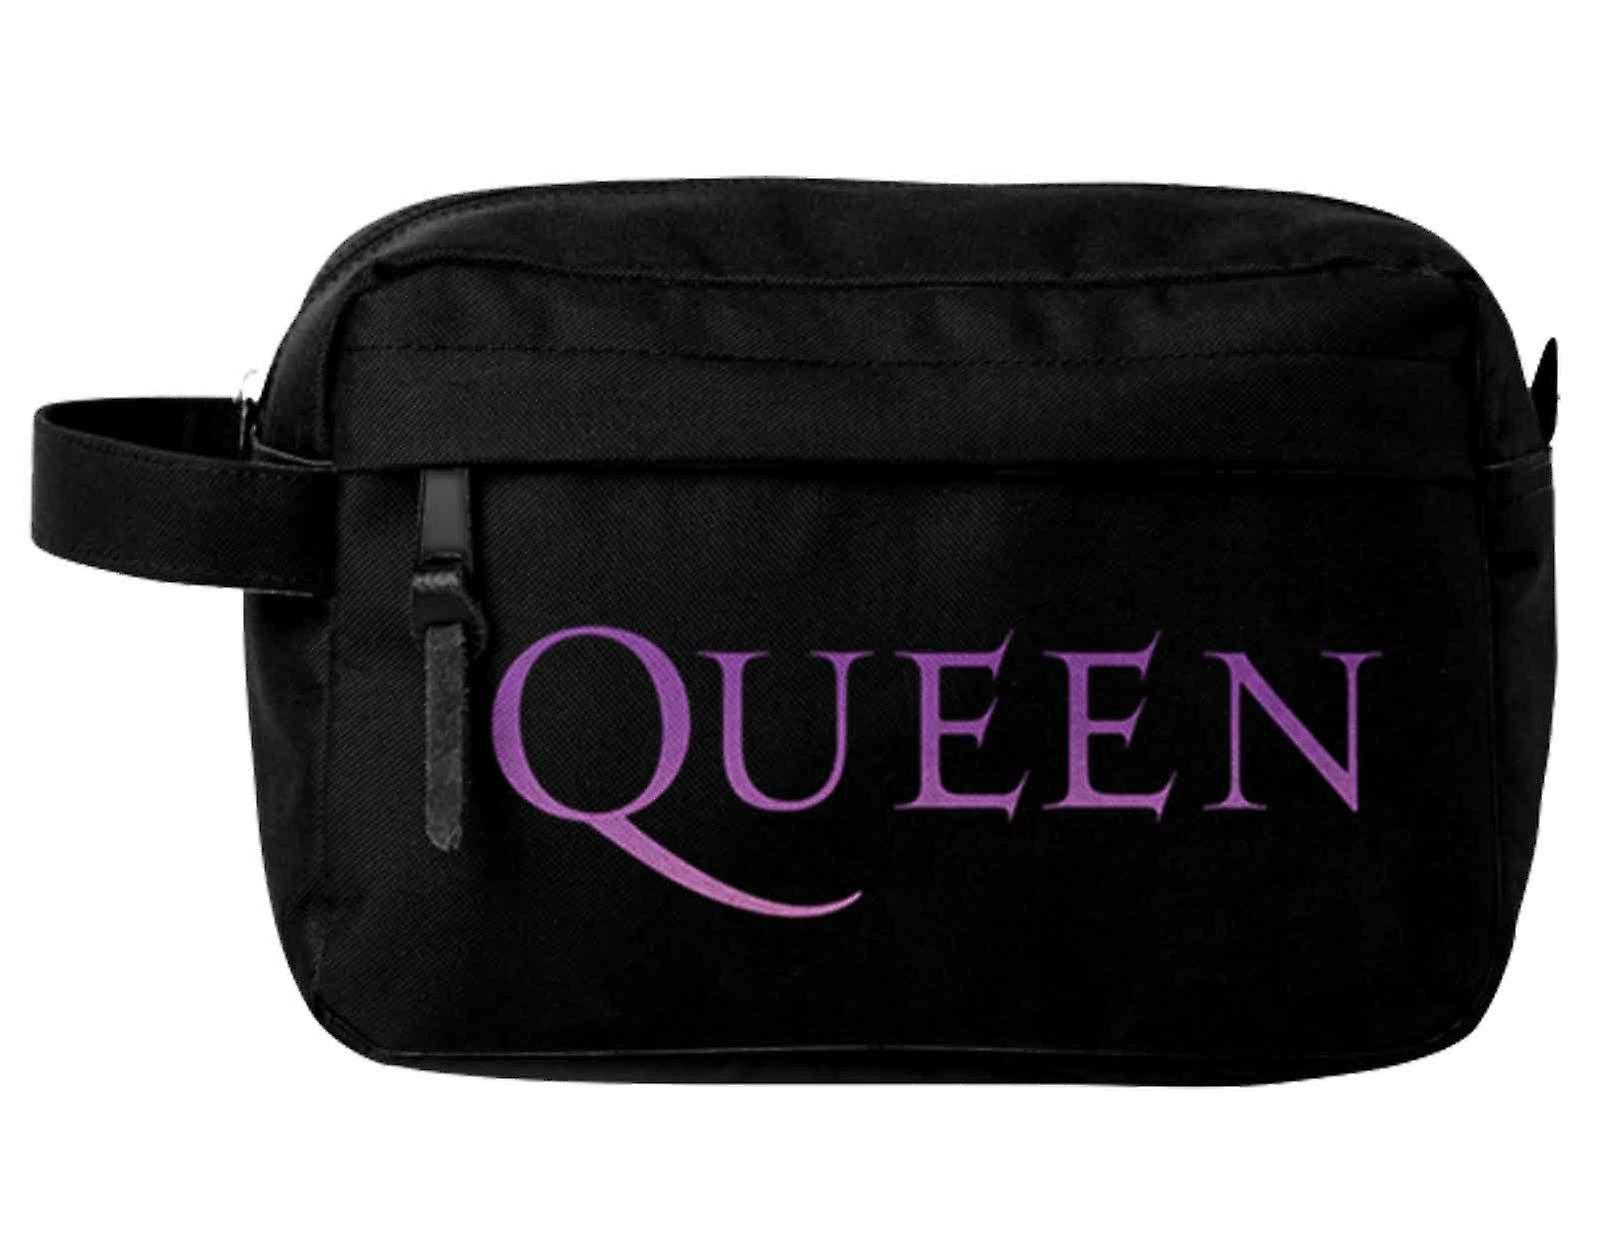 Queen Wash Bag Classic Crest band logo nya officiella svart